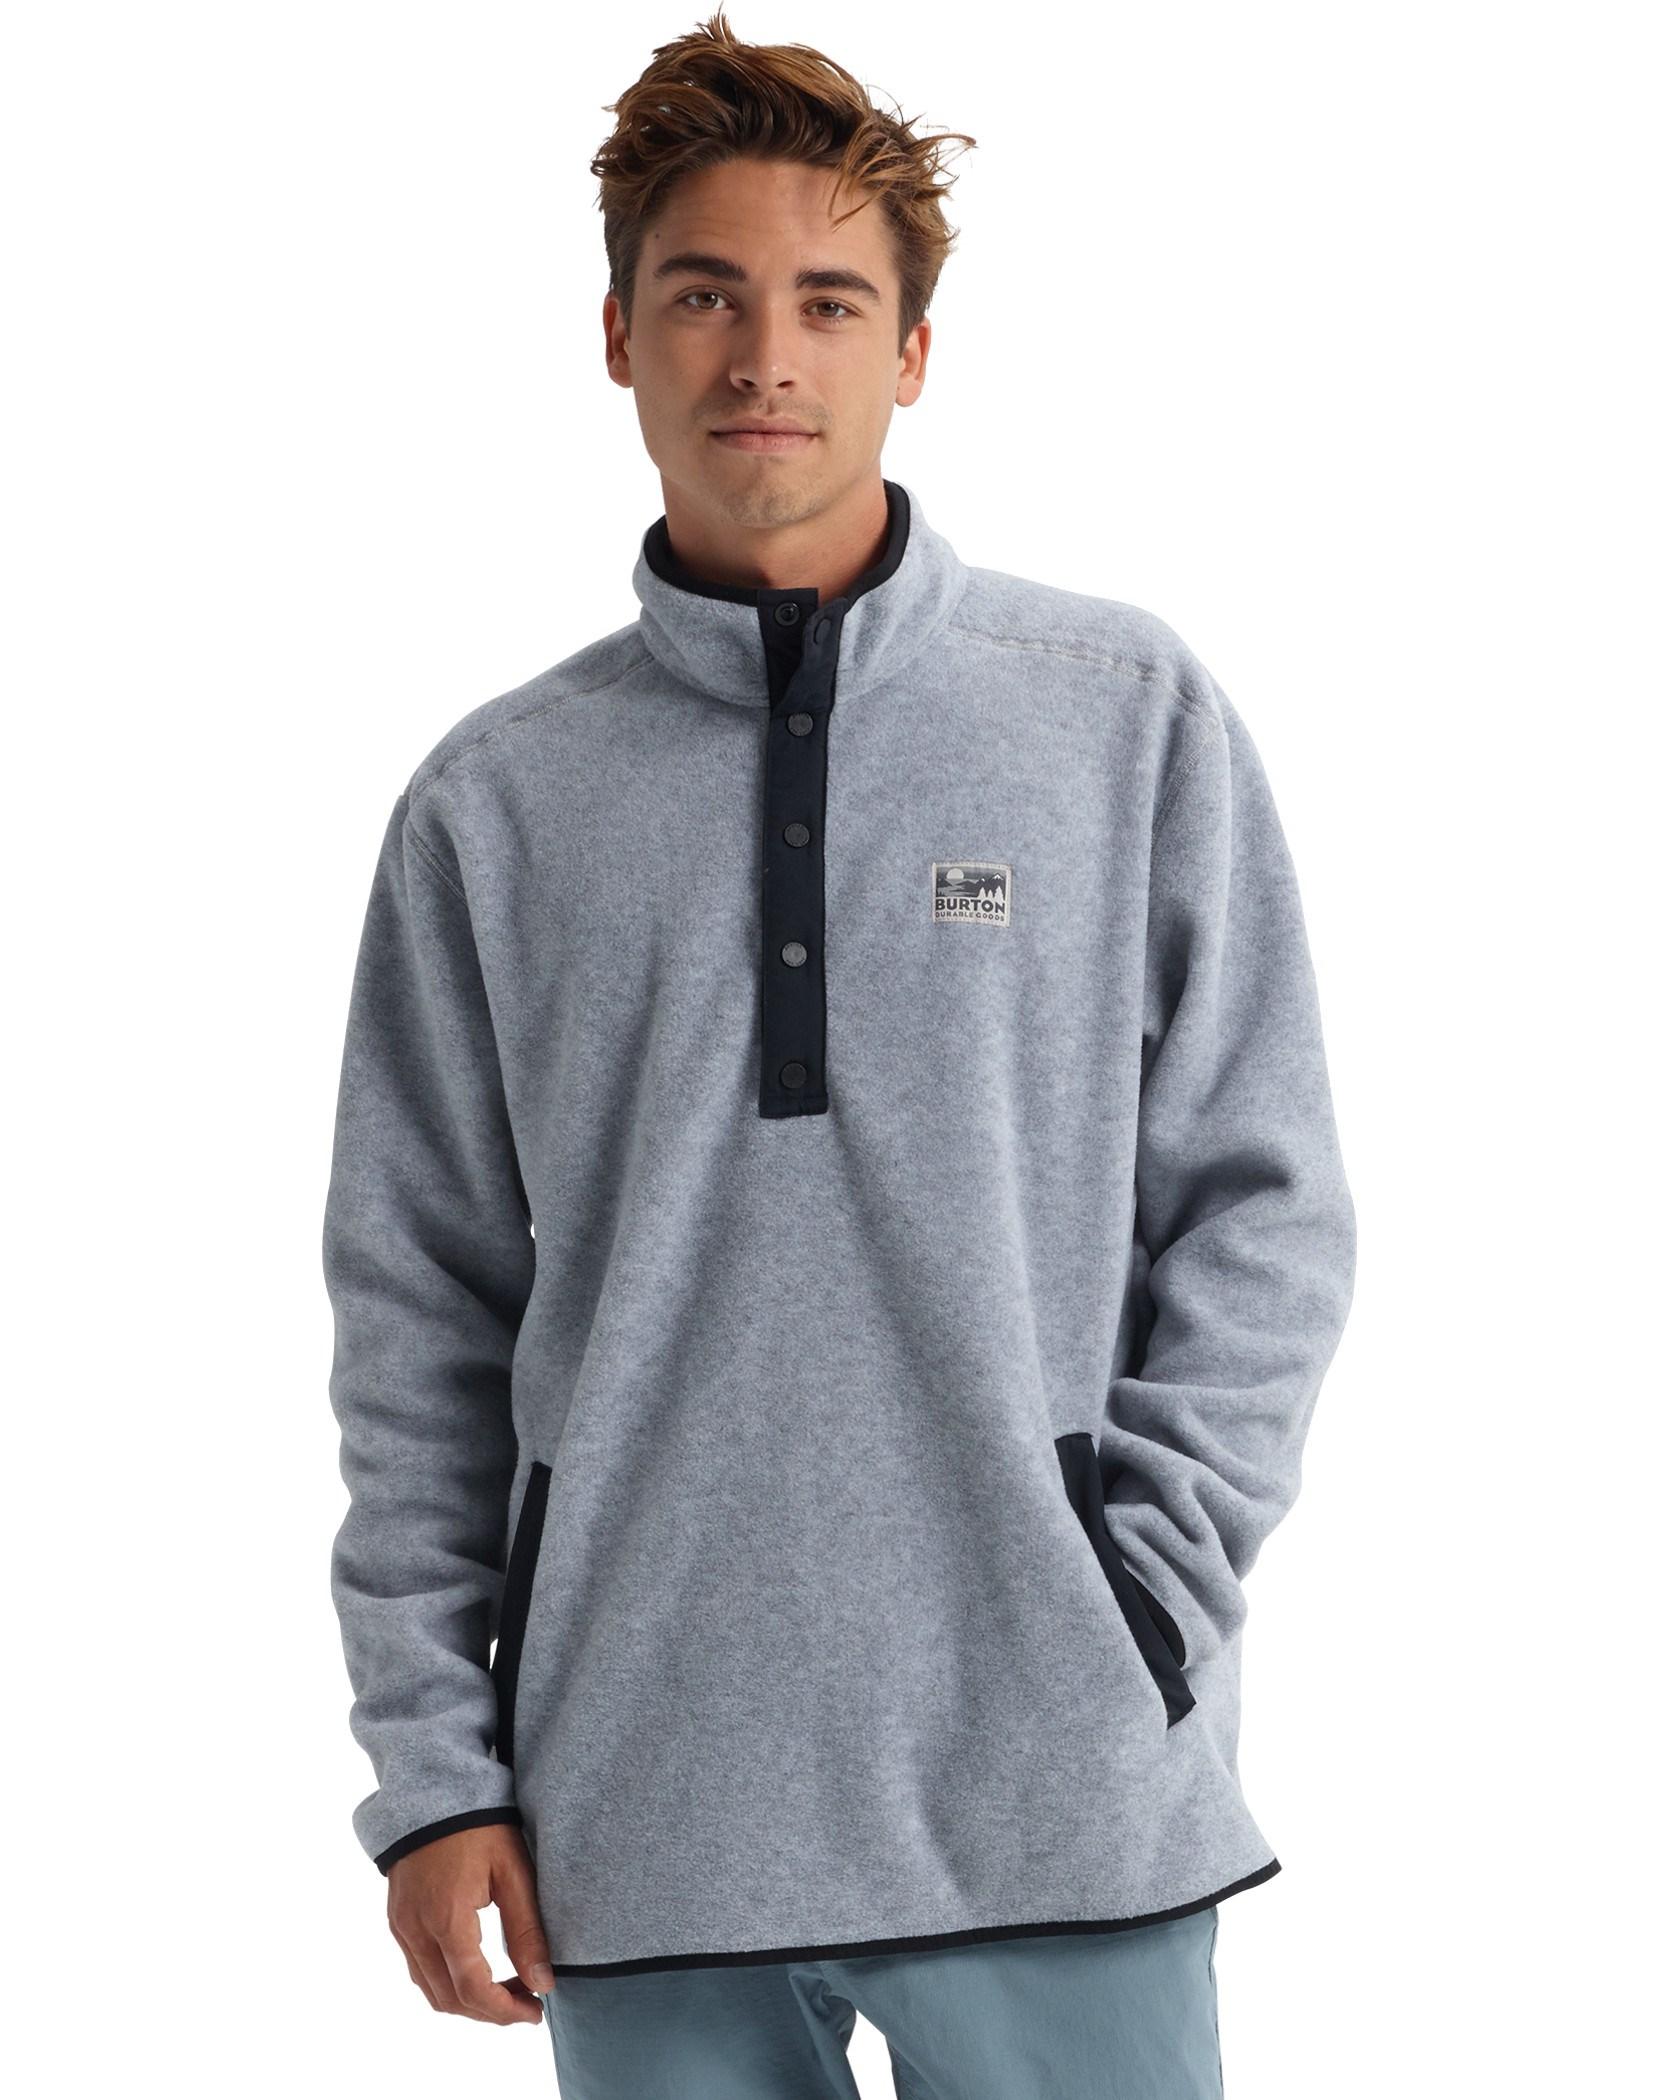 ad5e98695b Hearth Fleece Pullover M Gray Heather